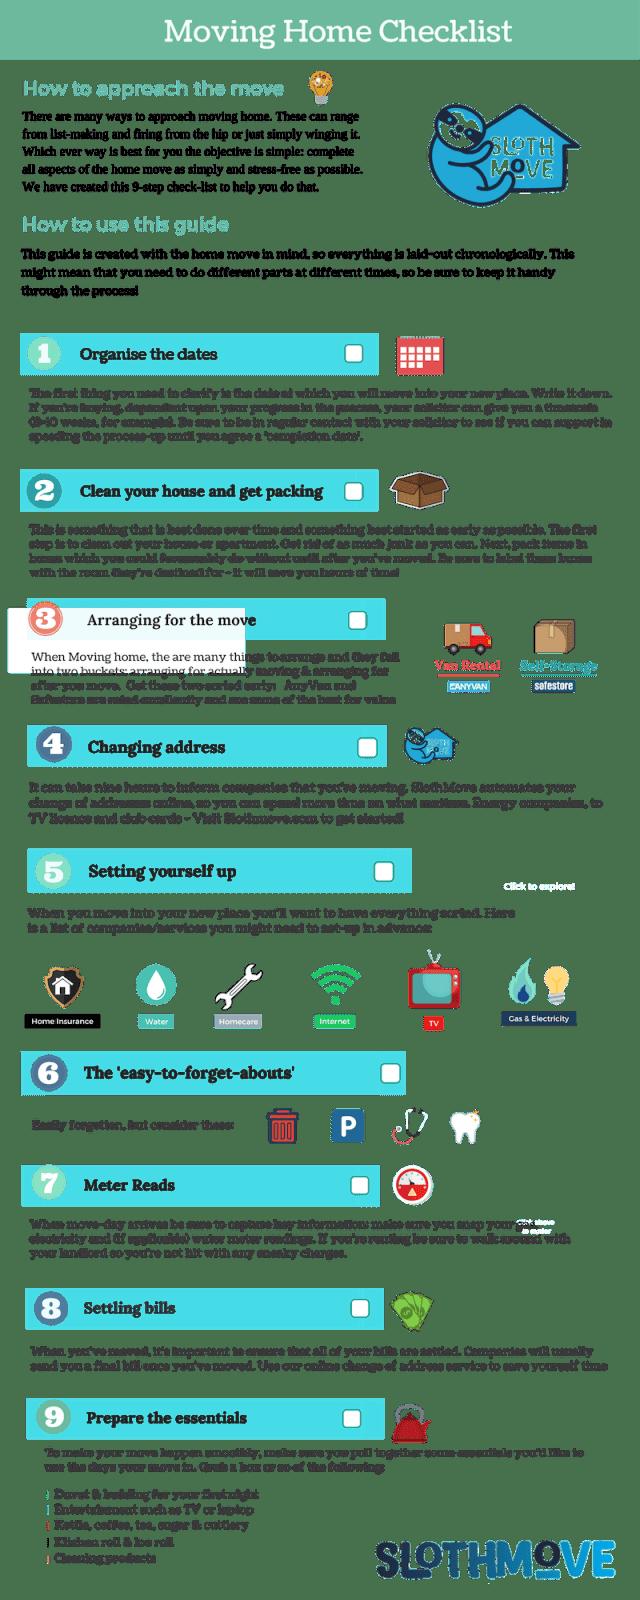 slothmove movinghome checklist